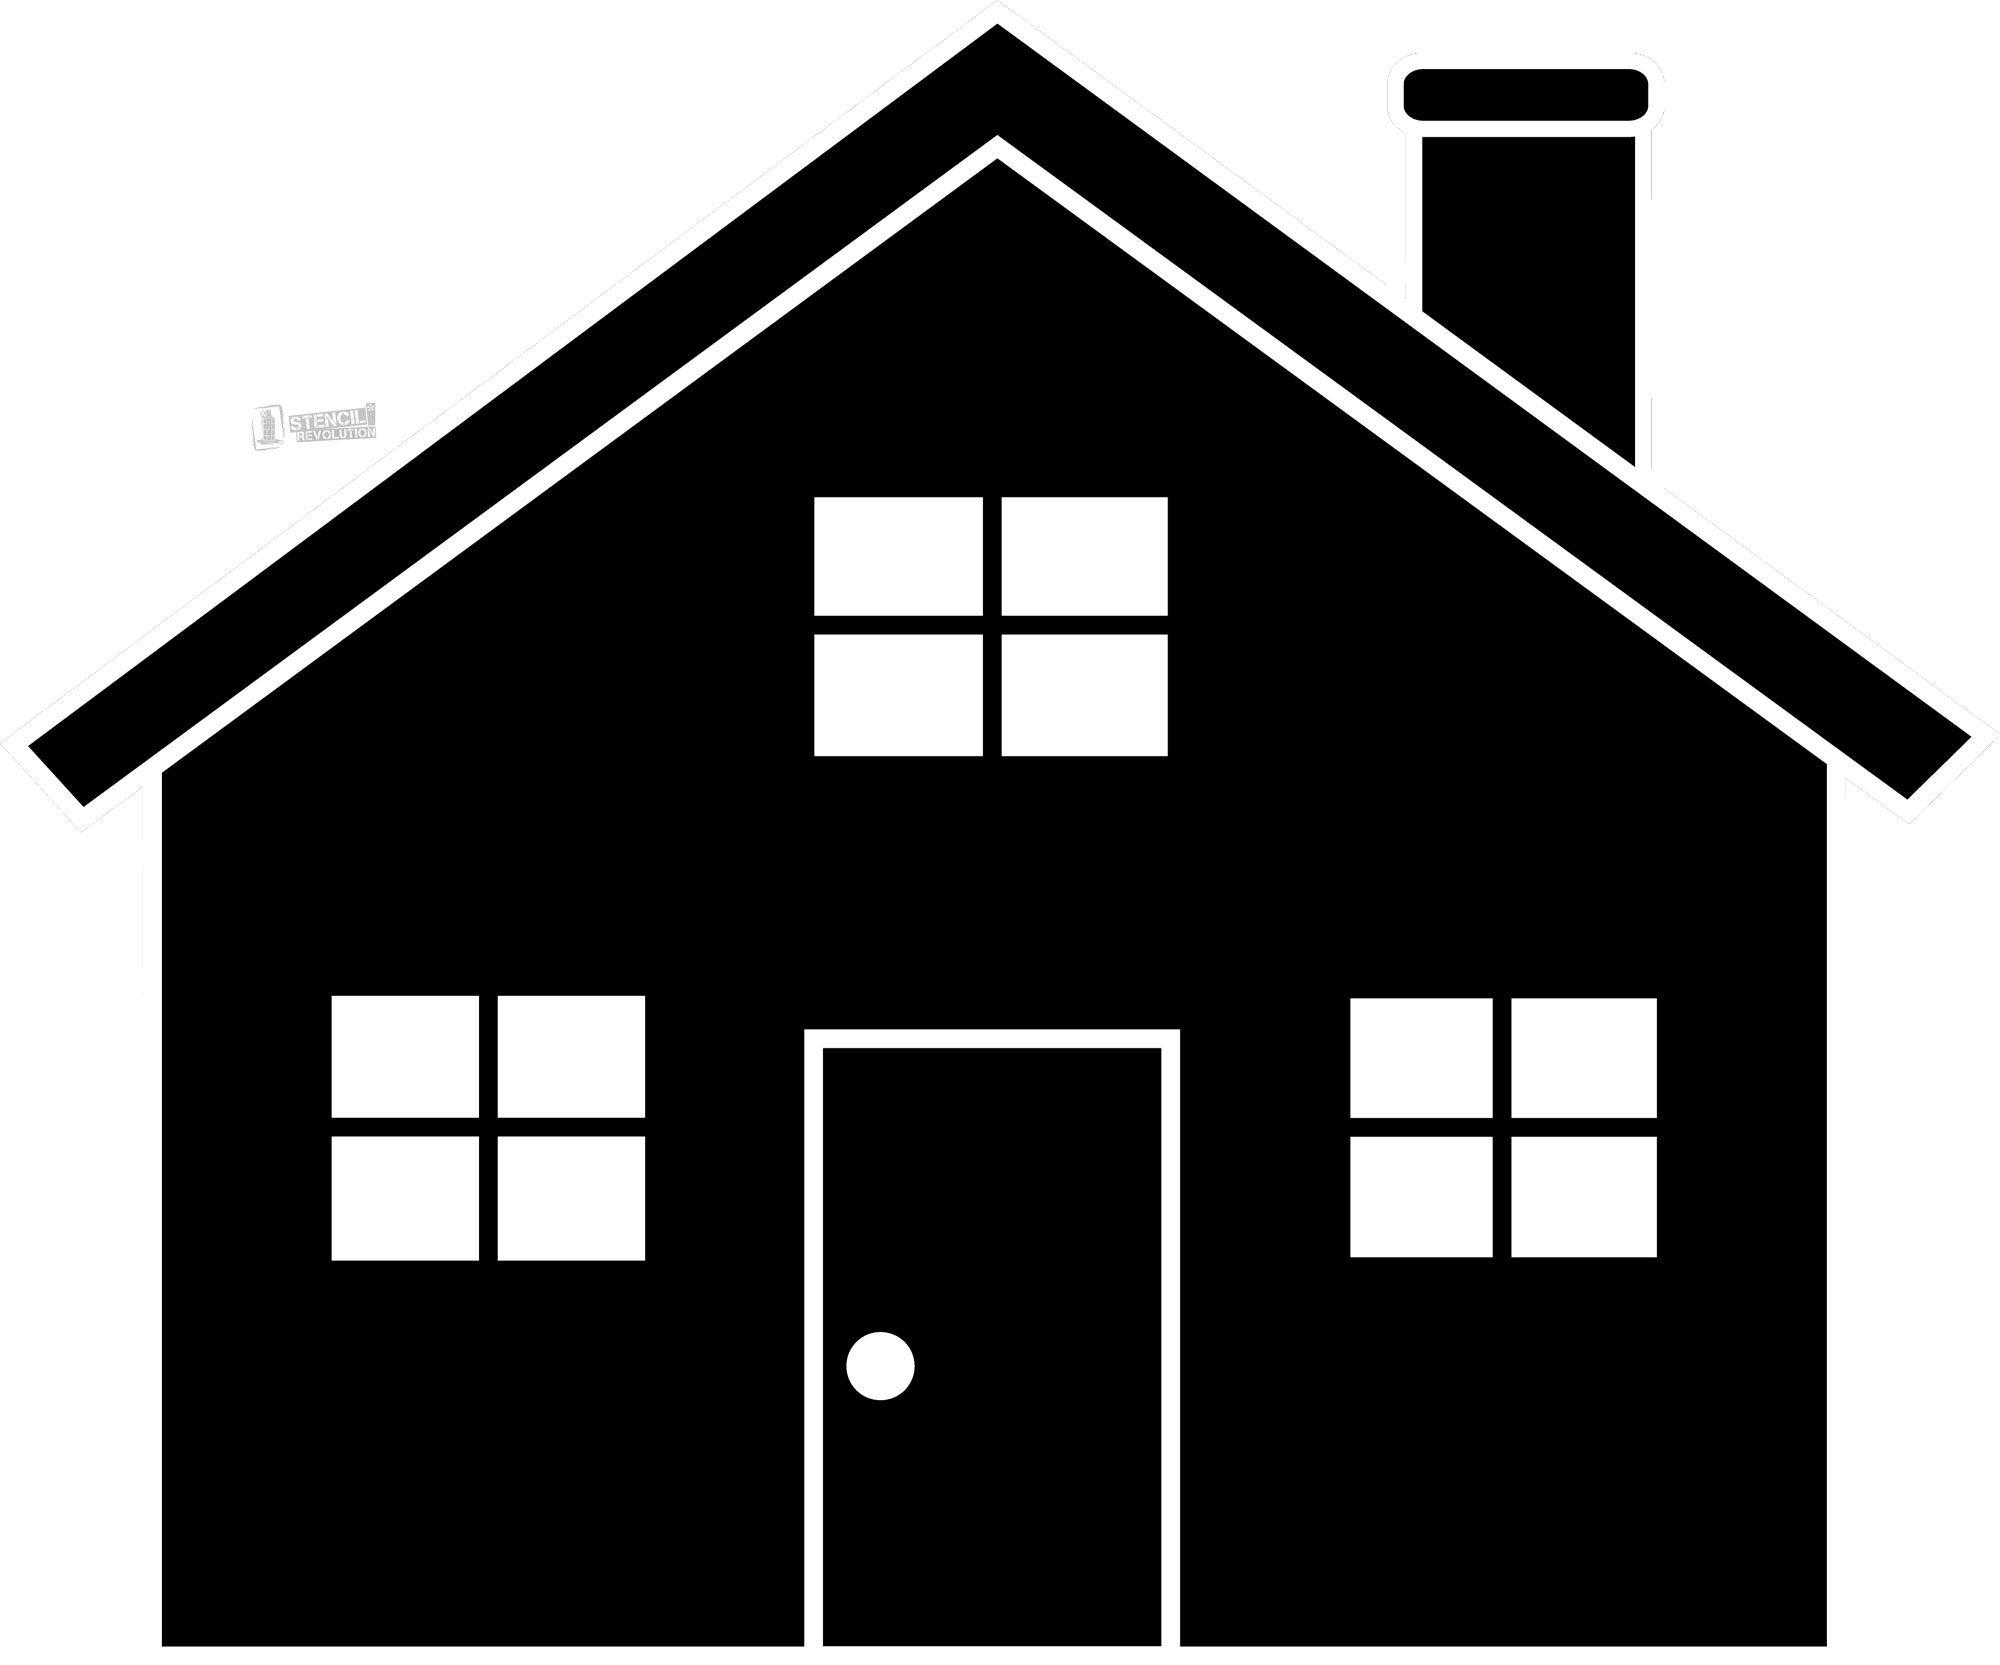 House stencil